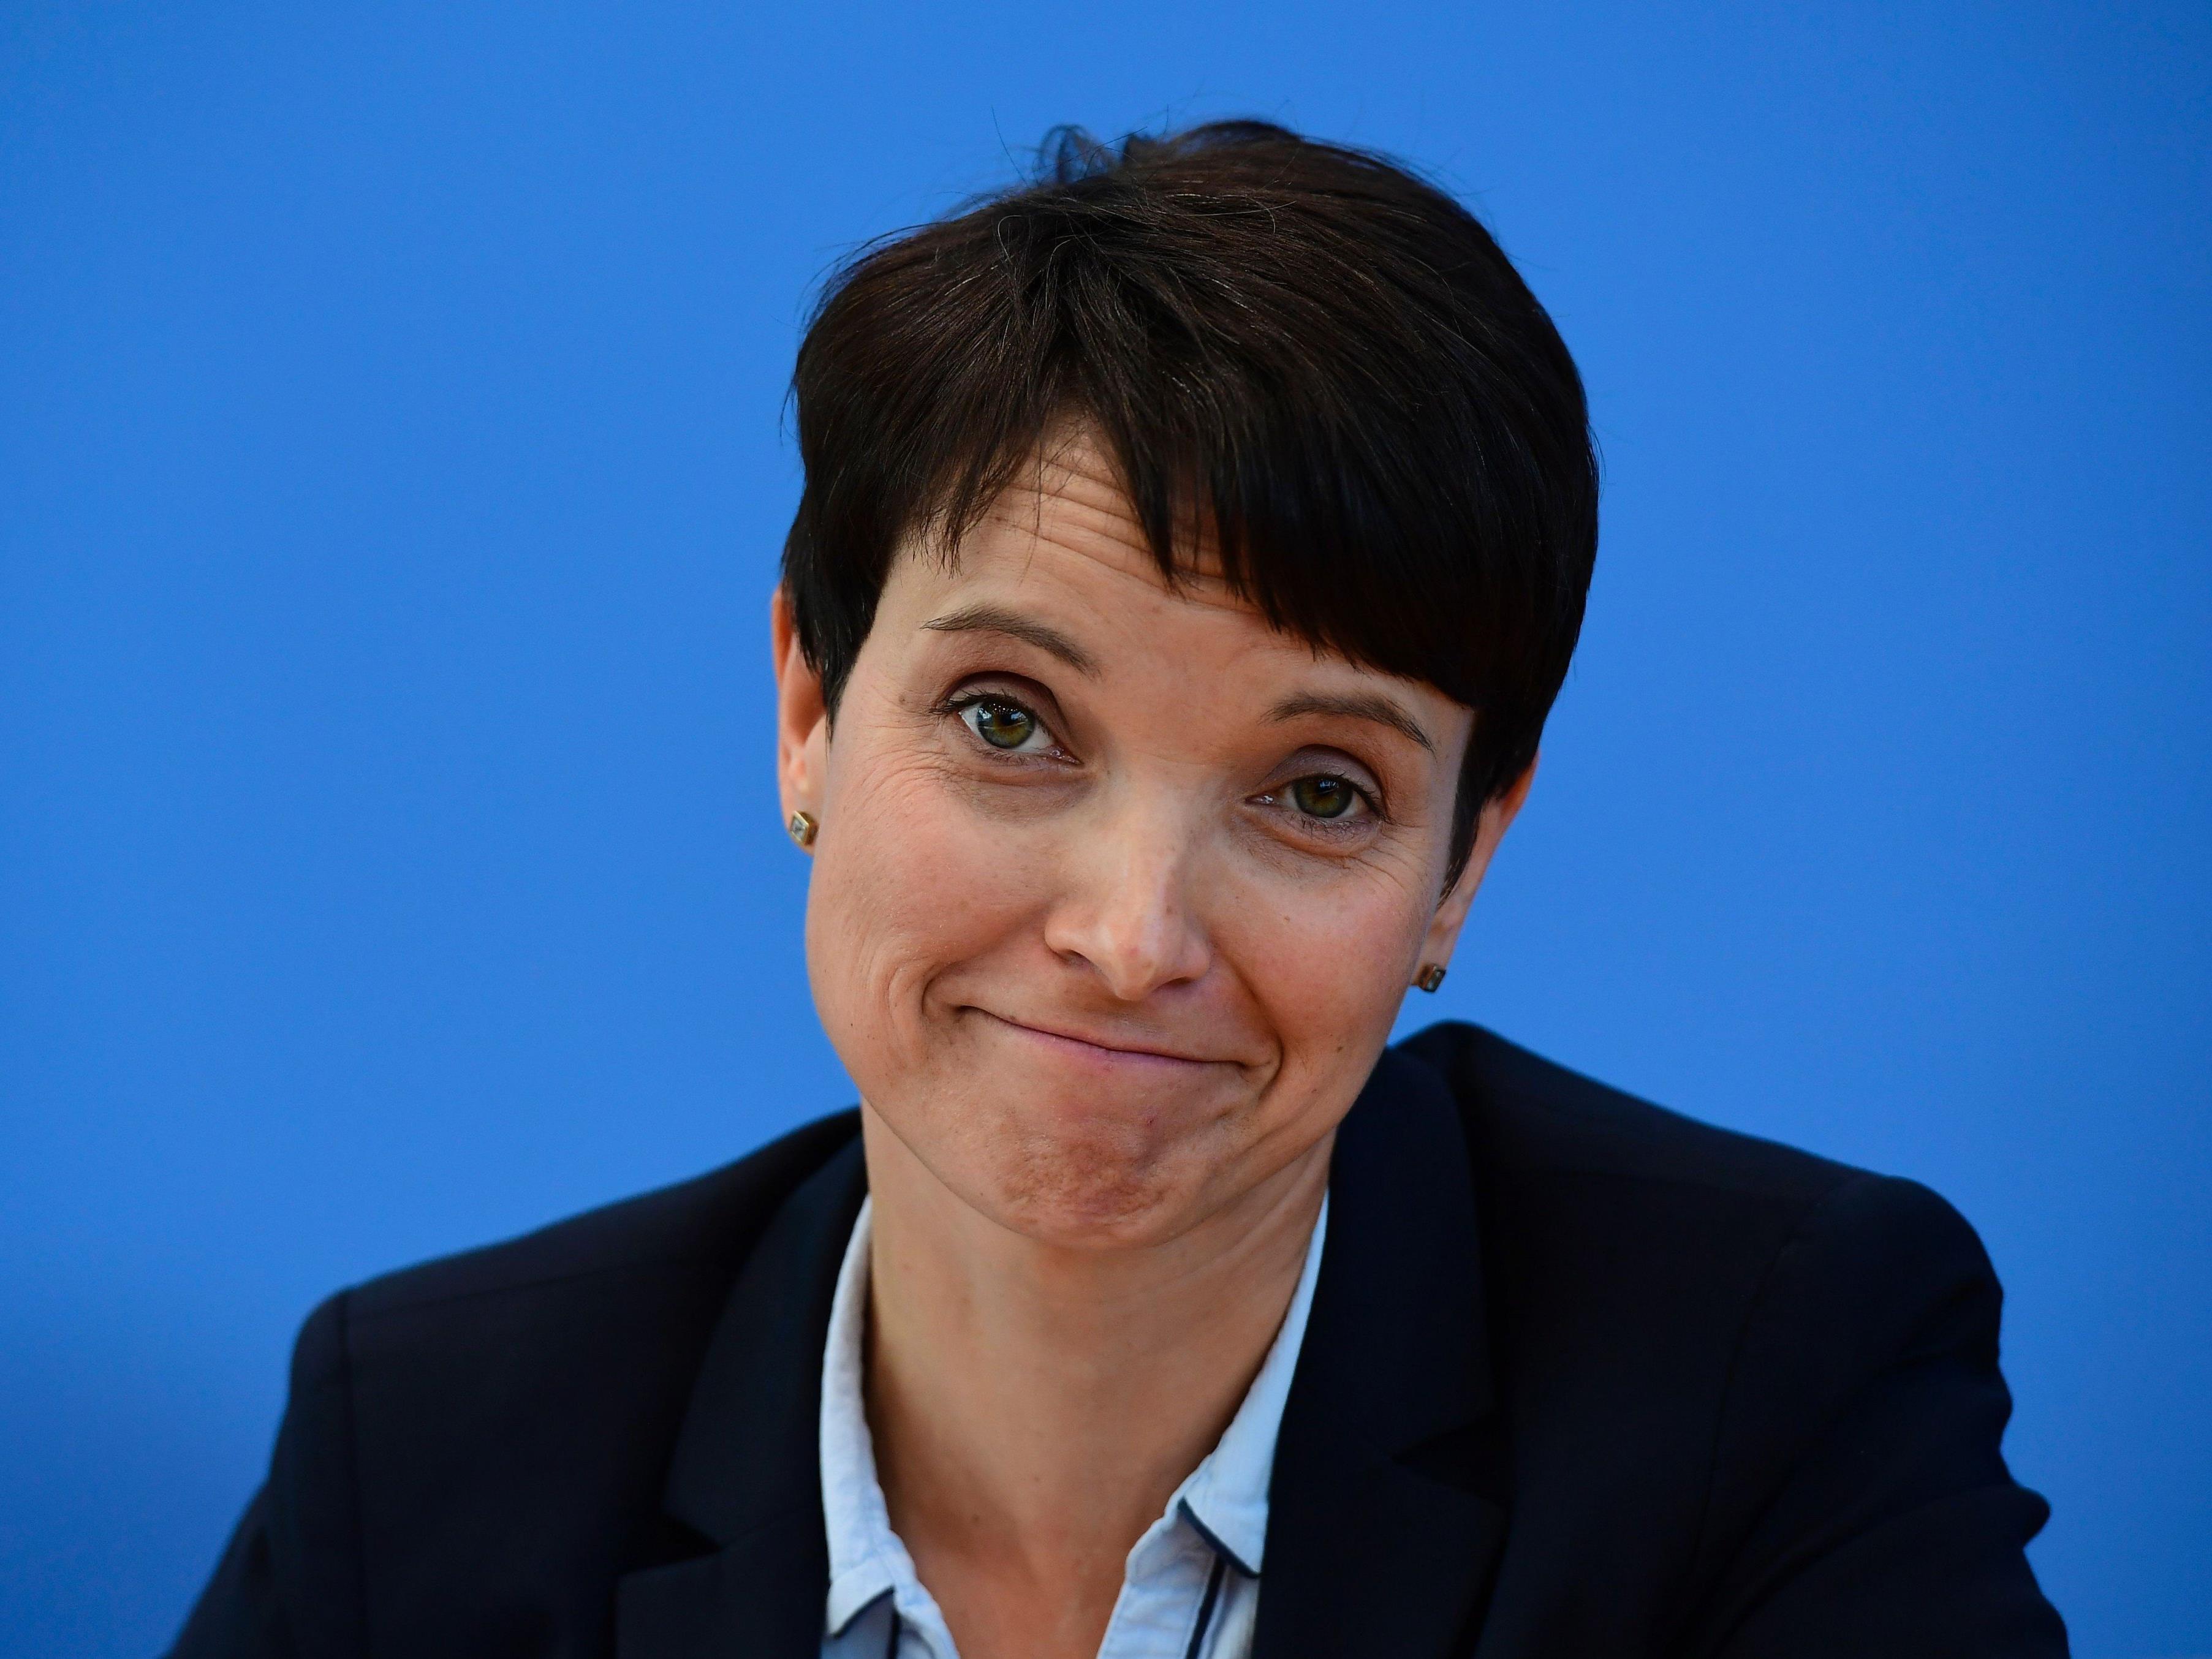 Ein Foto soll die Gerüchte um die Schwangerschaft von AfD-Co-Chefin Frauke Petry bestätigen.